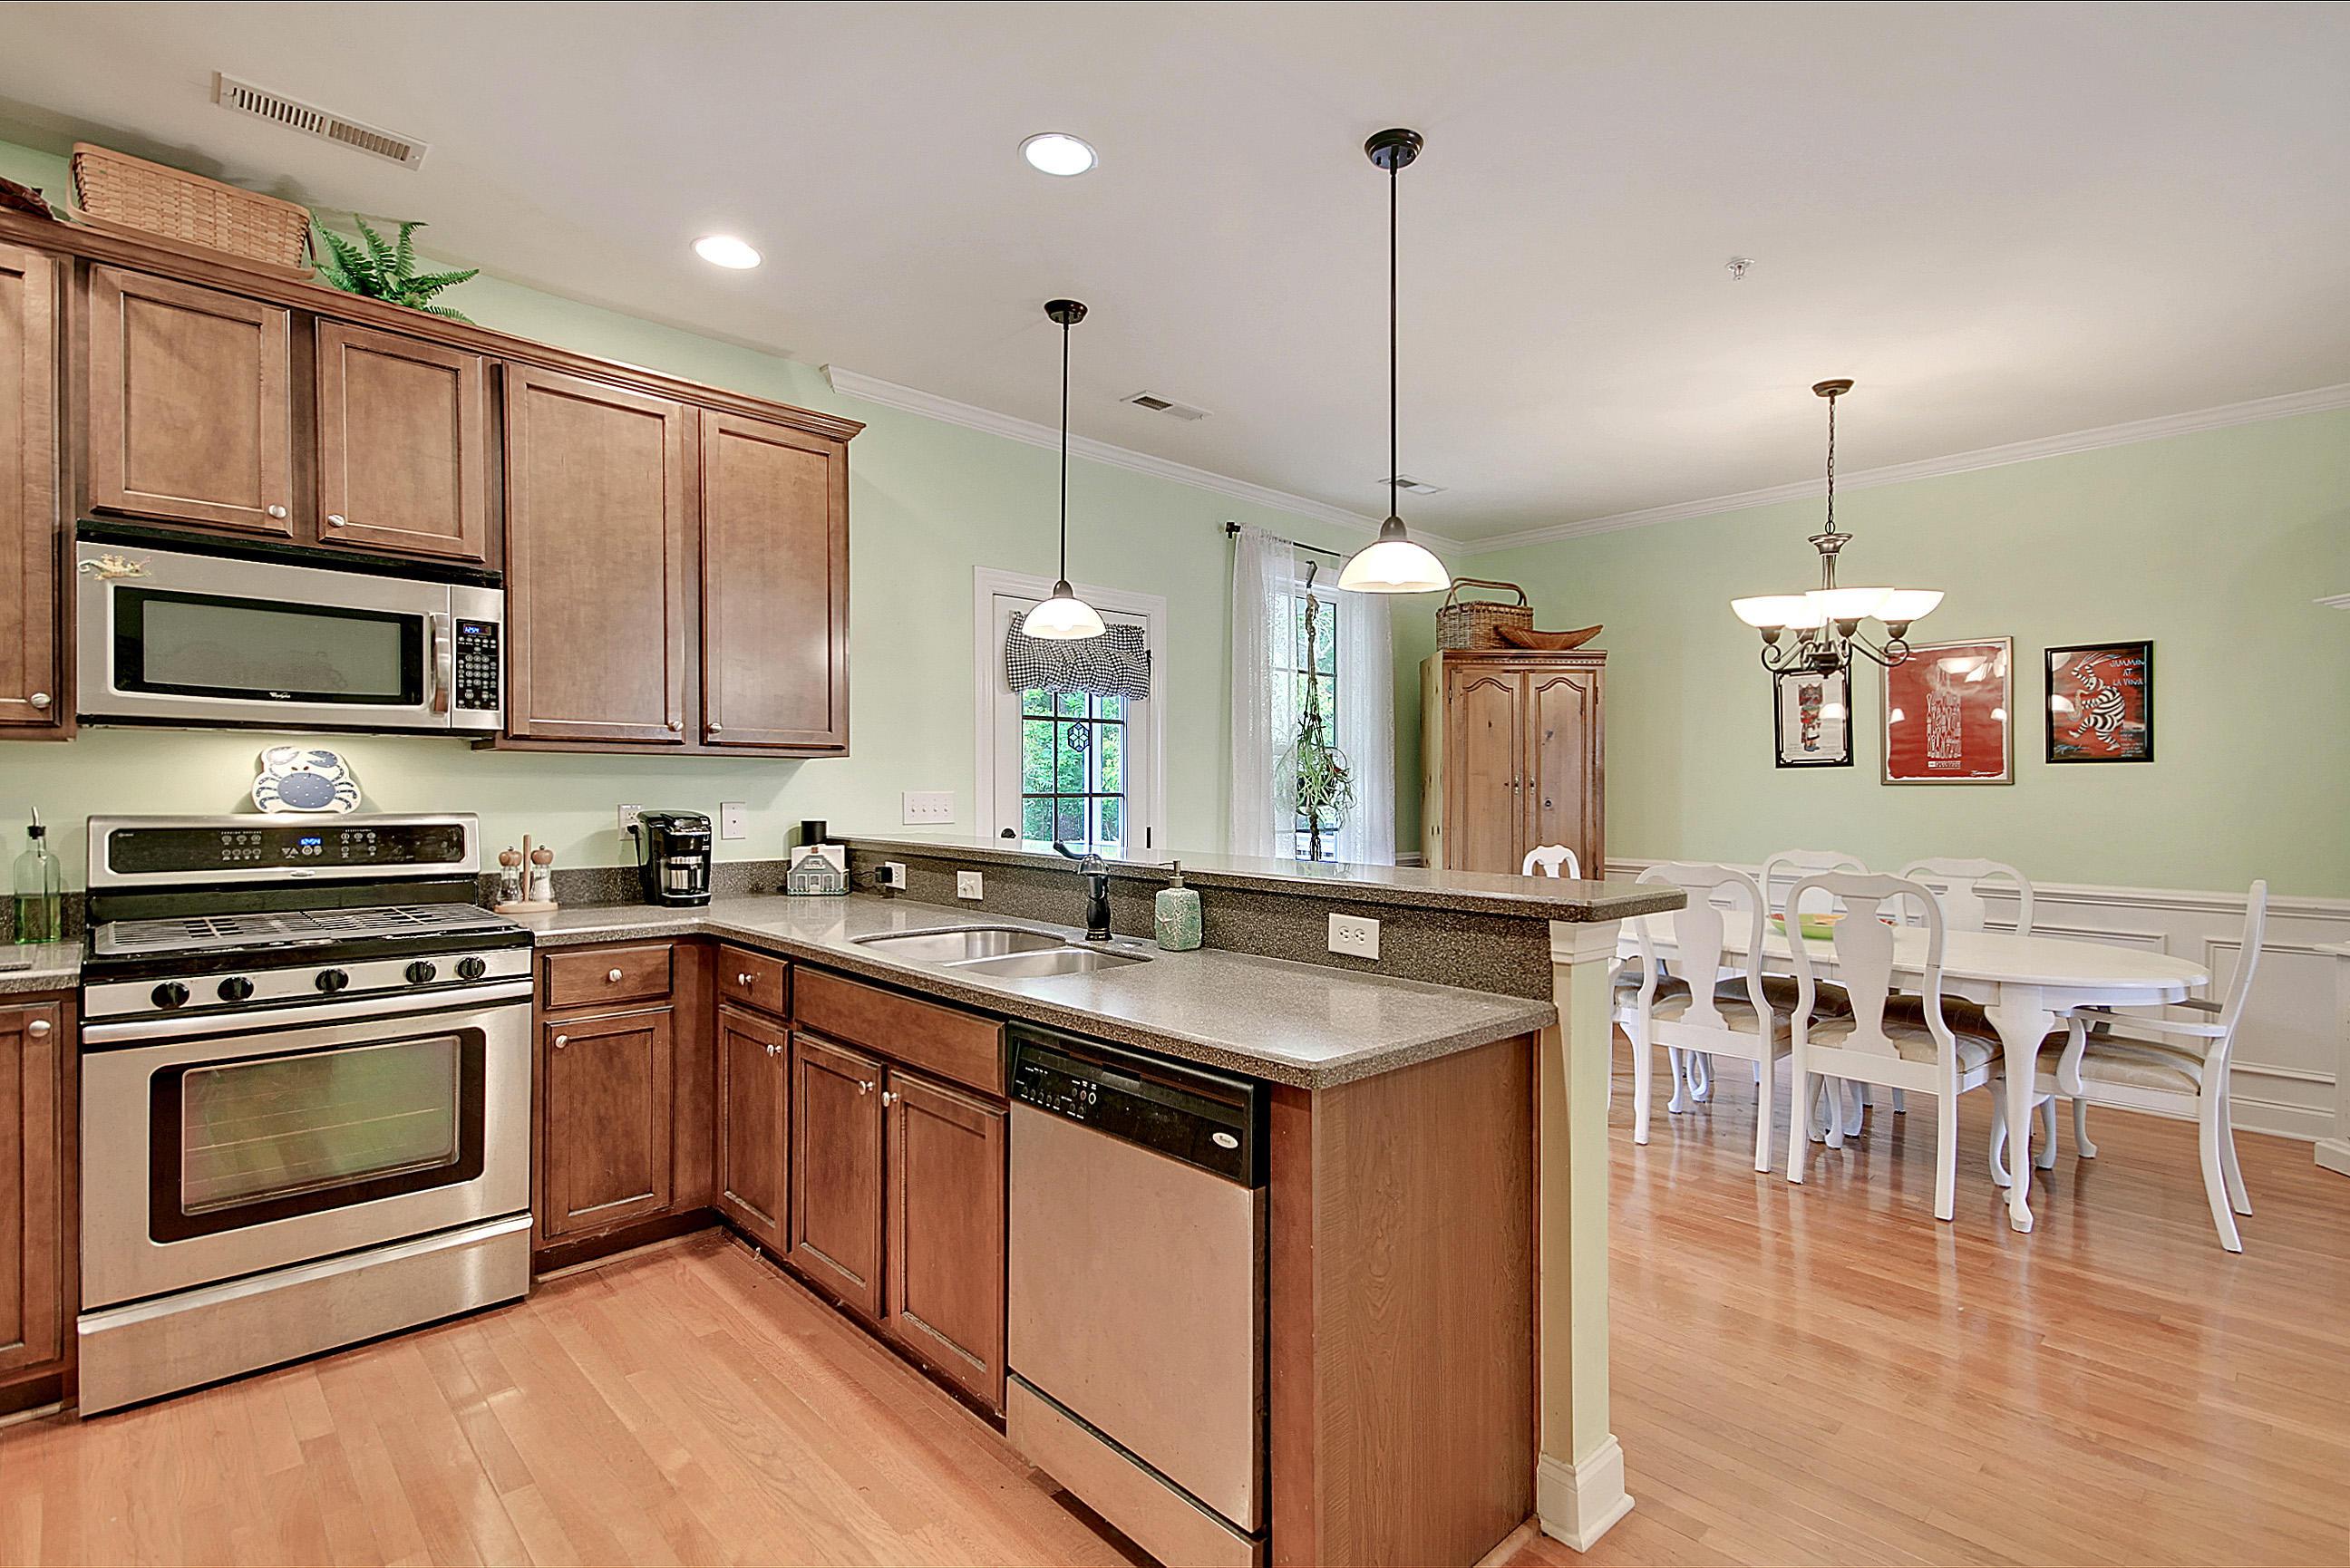 Park West Homes For Sale - 3624 Bagley, Mount Pleasant, SC - 4